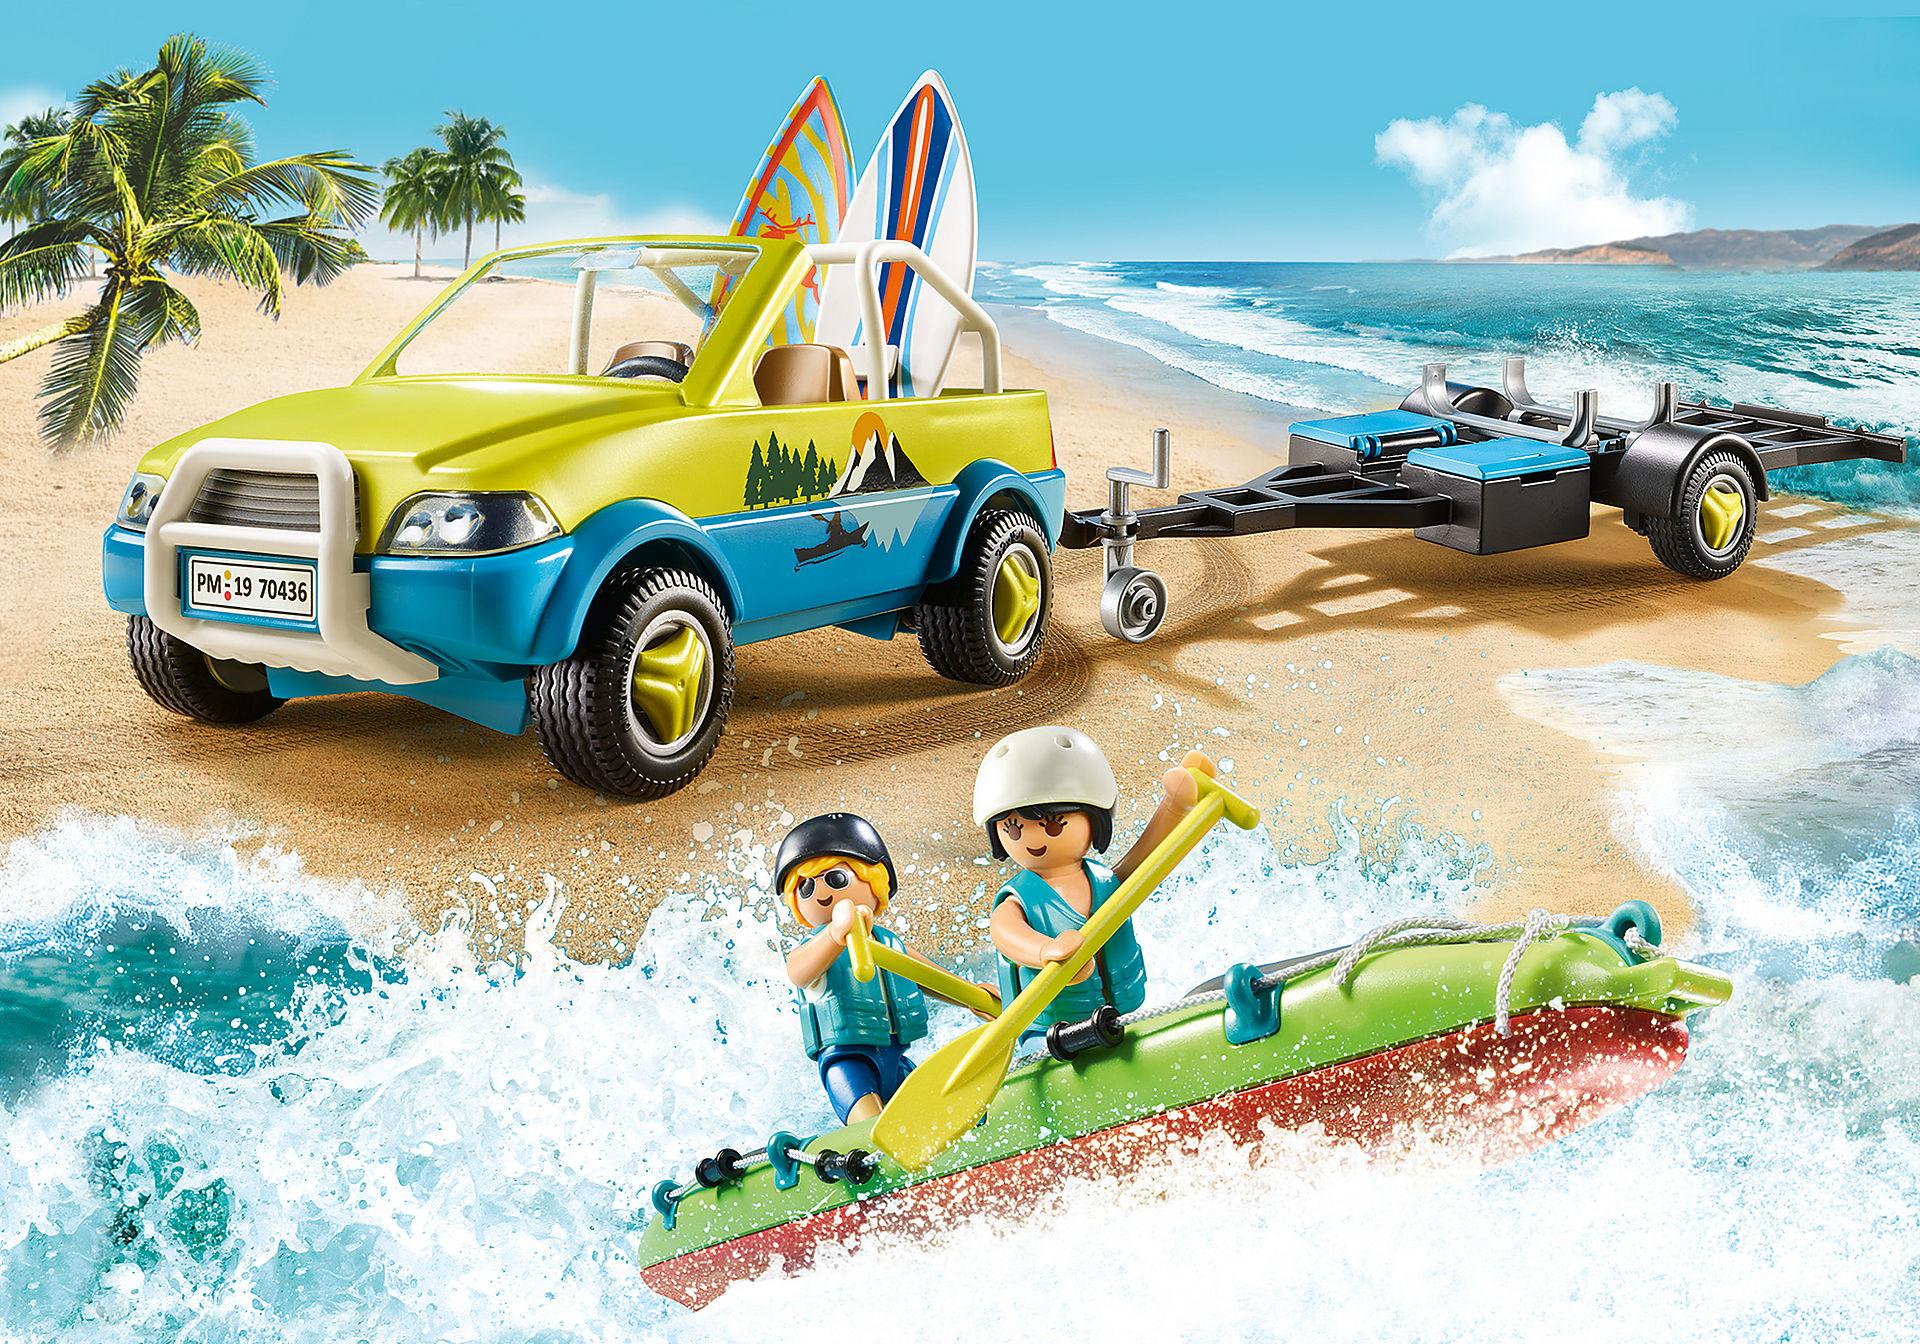 70436 Carro de Praia com Canoa zoom image1